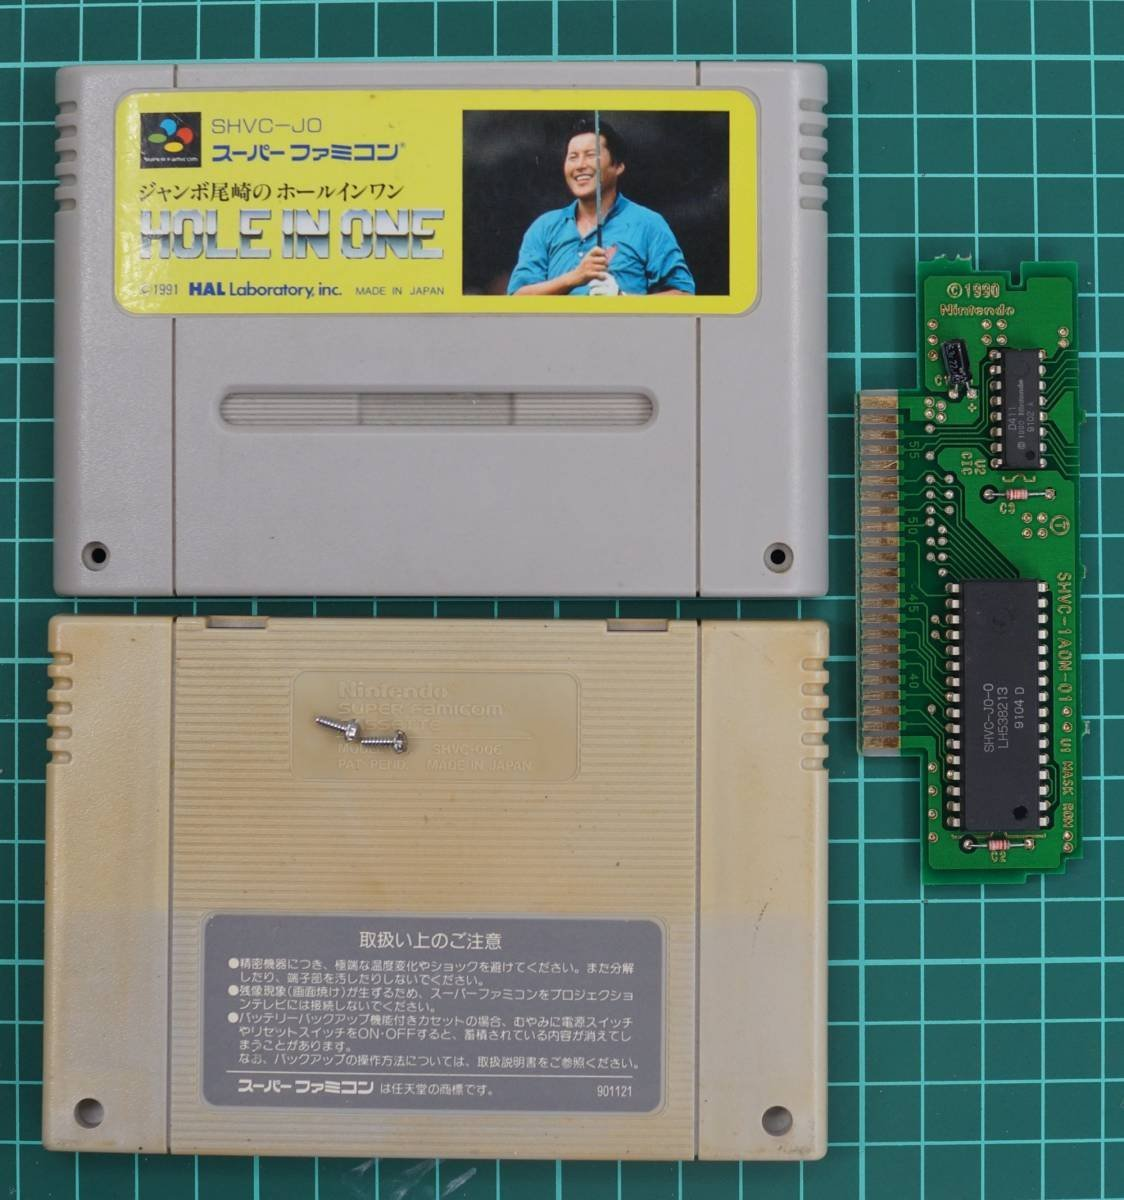 スーパーファミコン カートリッジ : HOLE IN ONE SHVC-JO